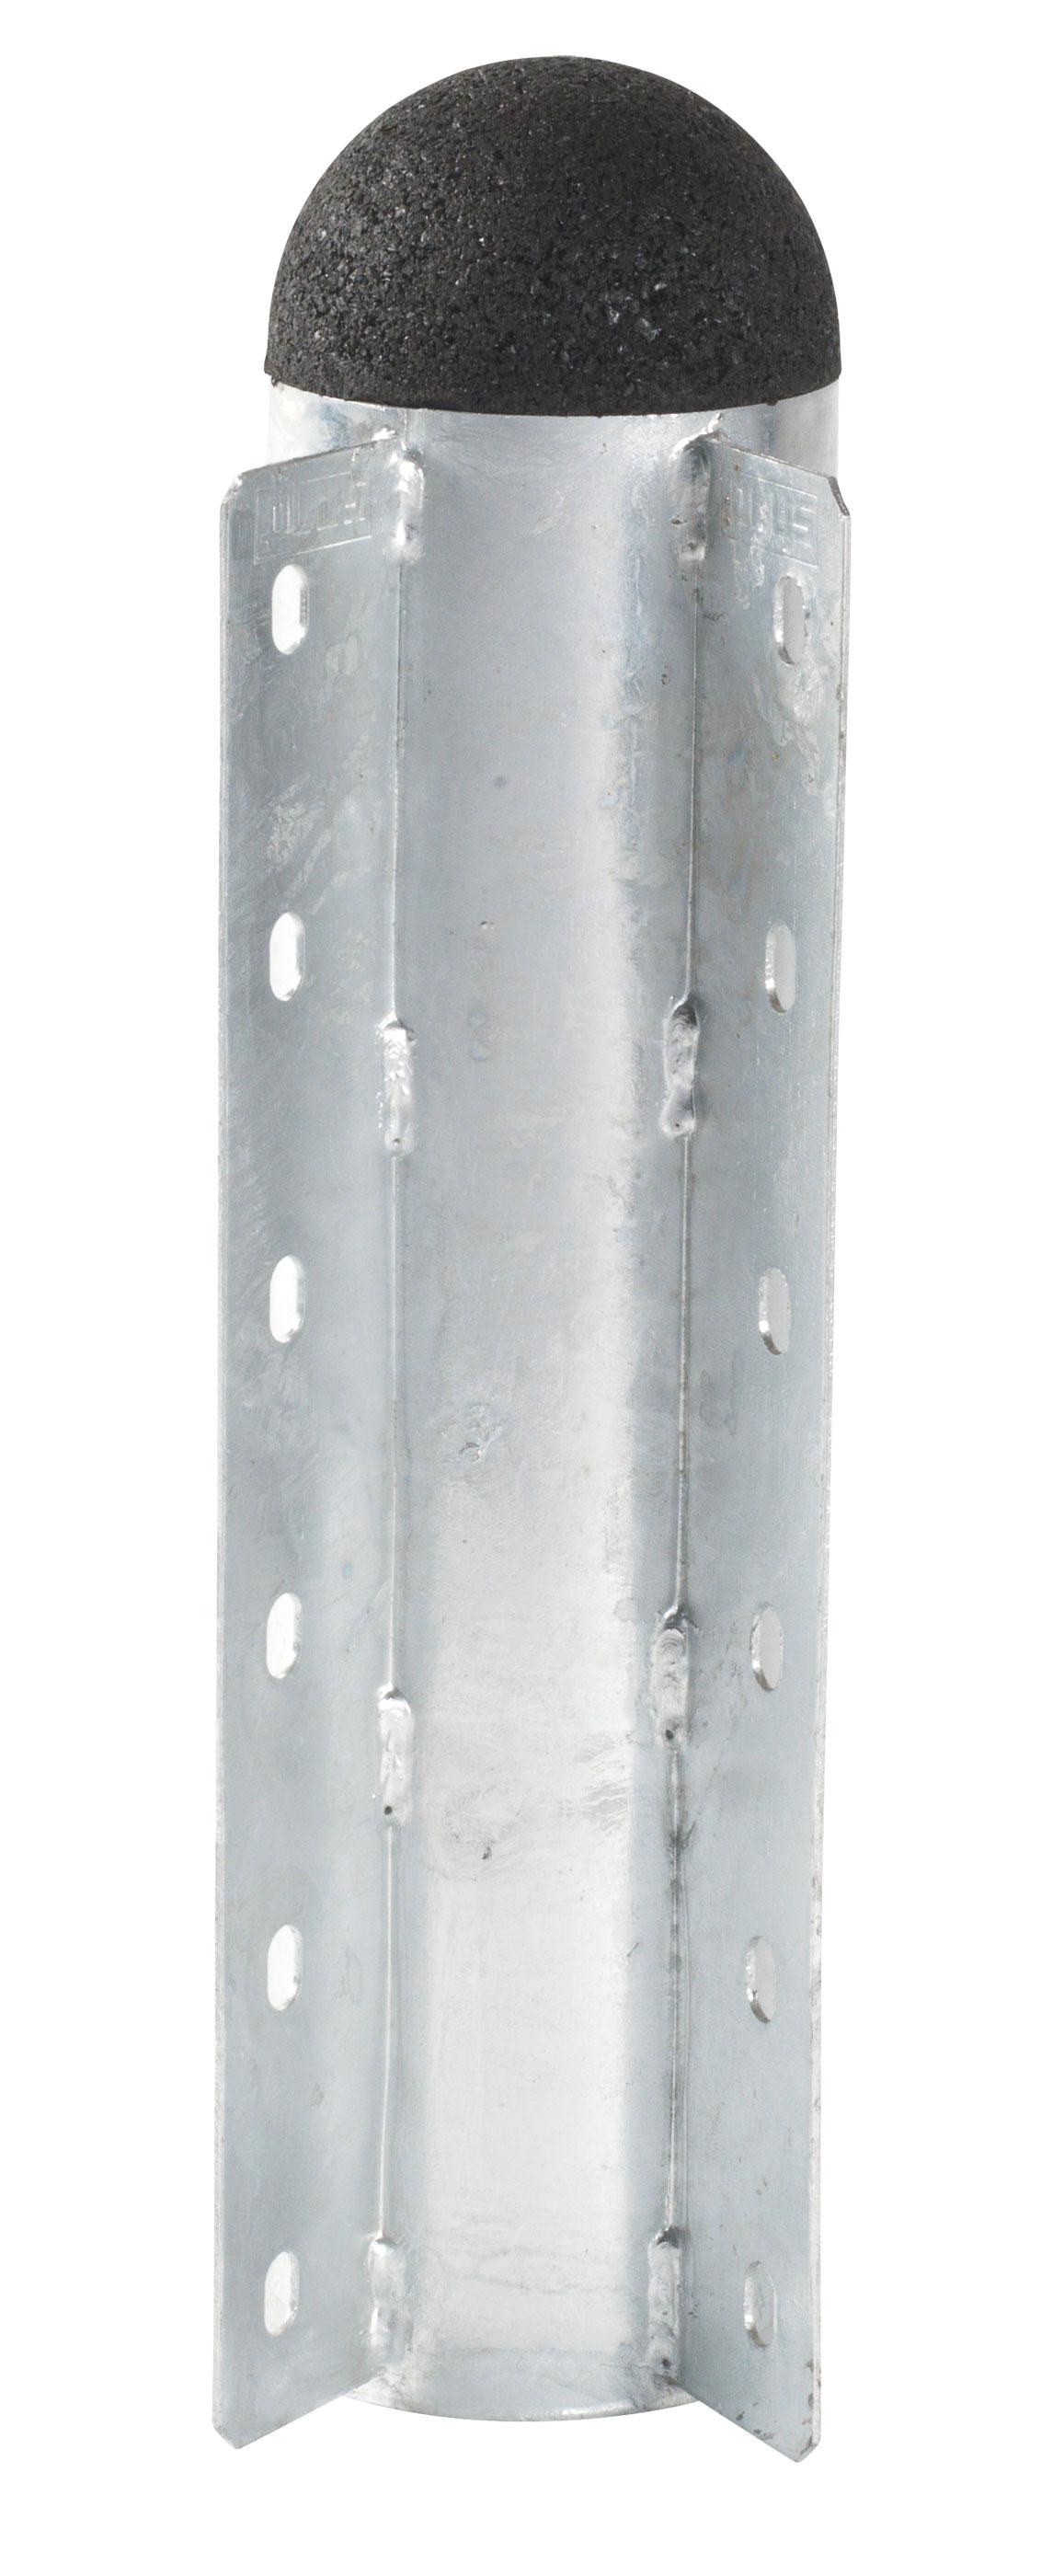 pipe 3 eck modul modulsystem plus 10x36cm 60 stahl. Black Bedroom Furniture Sets. Home Design Ideas